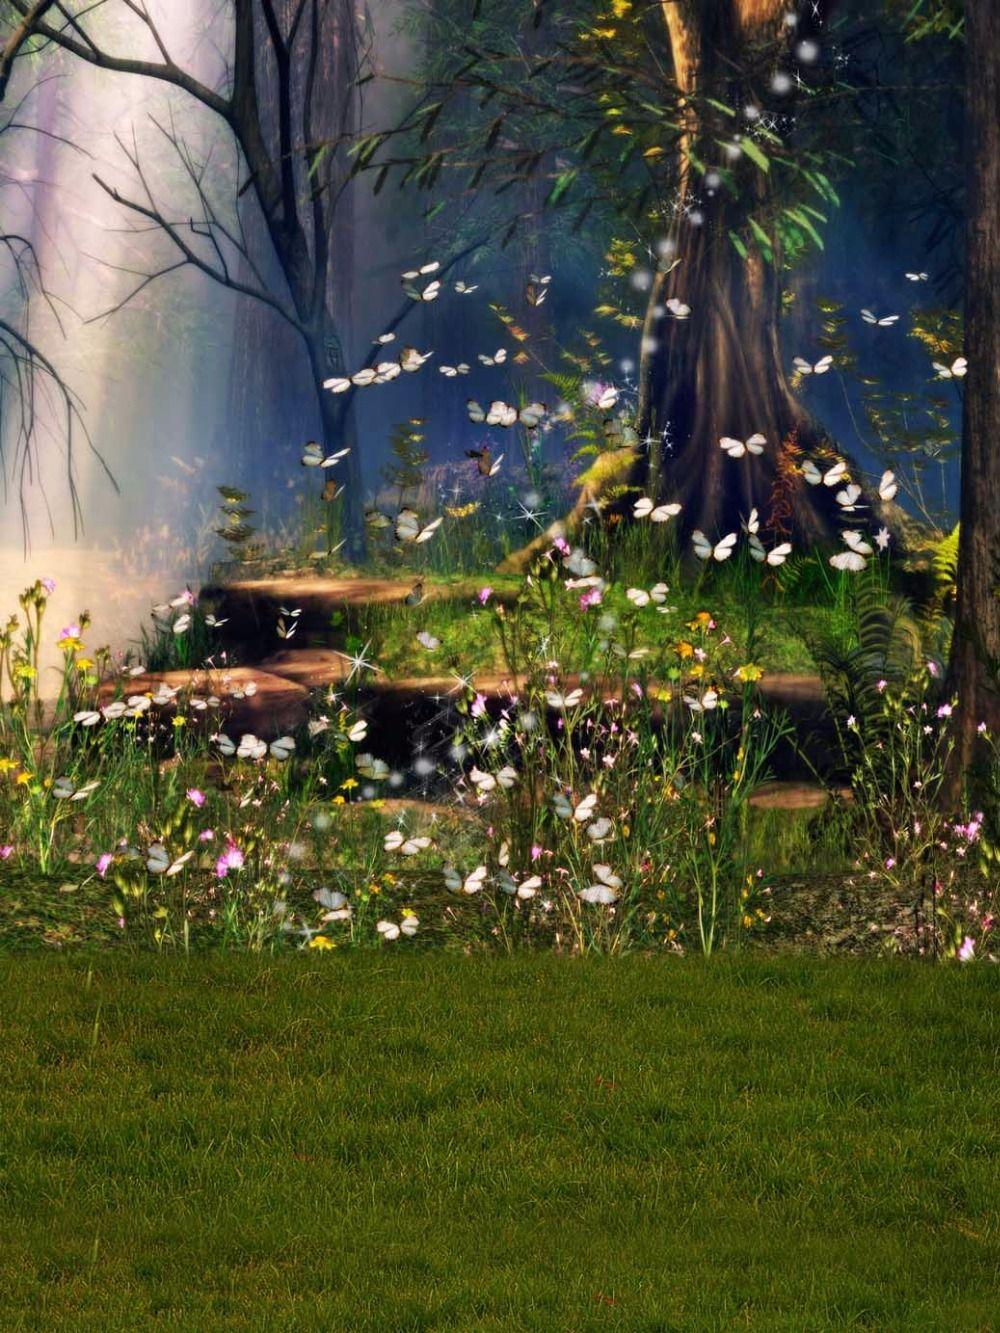 봄 경치 좋은 숲 사진 배경 나비 노란색 꽃 나무 녹색 초원 야외 판타지 동화 사진 배경